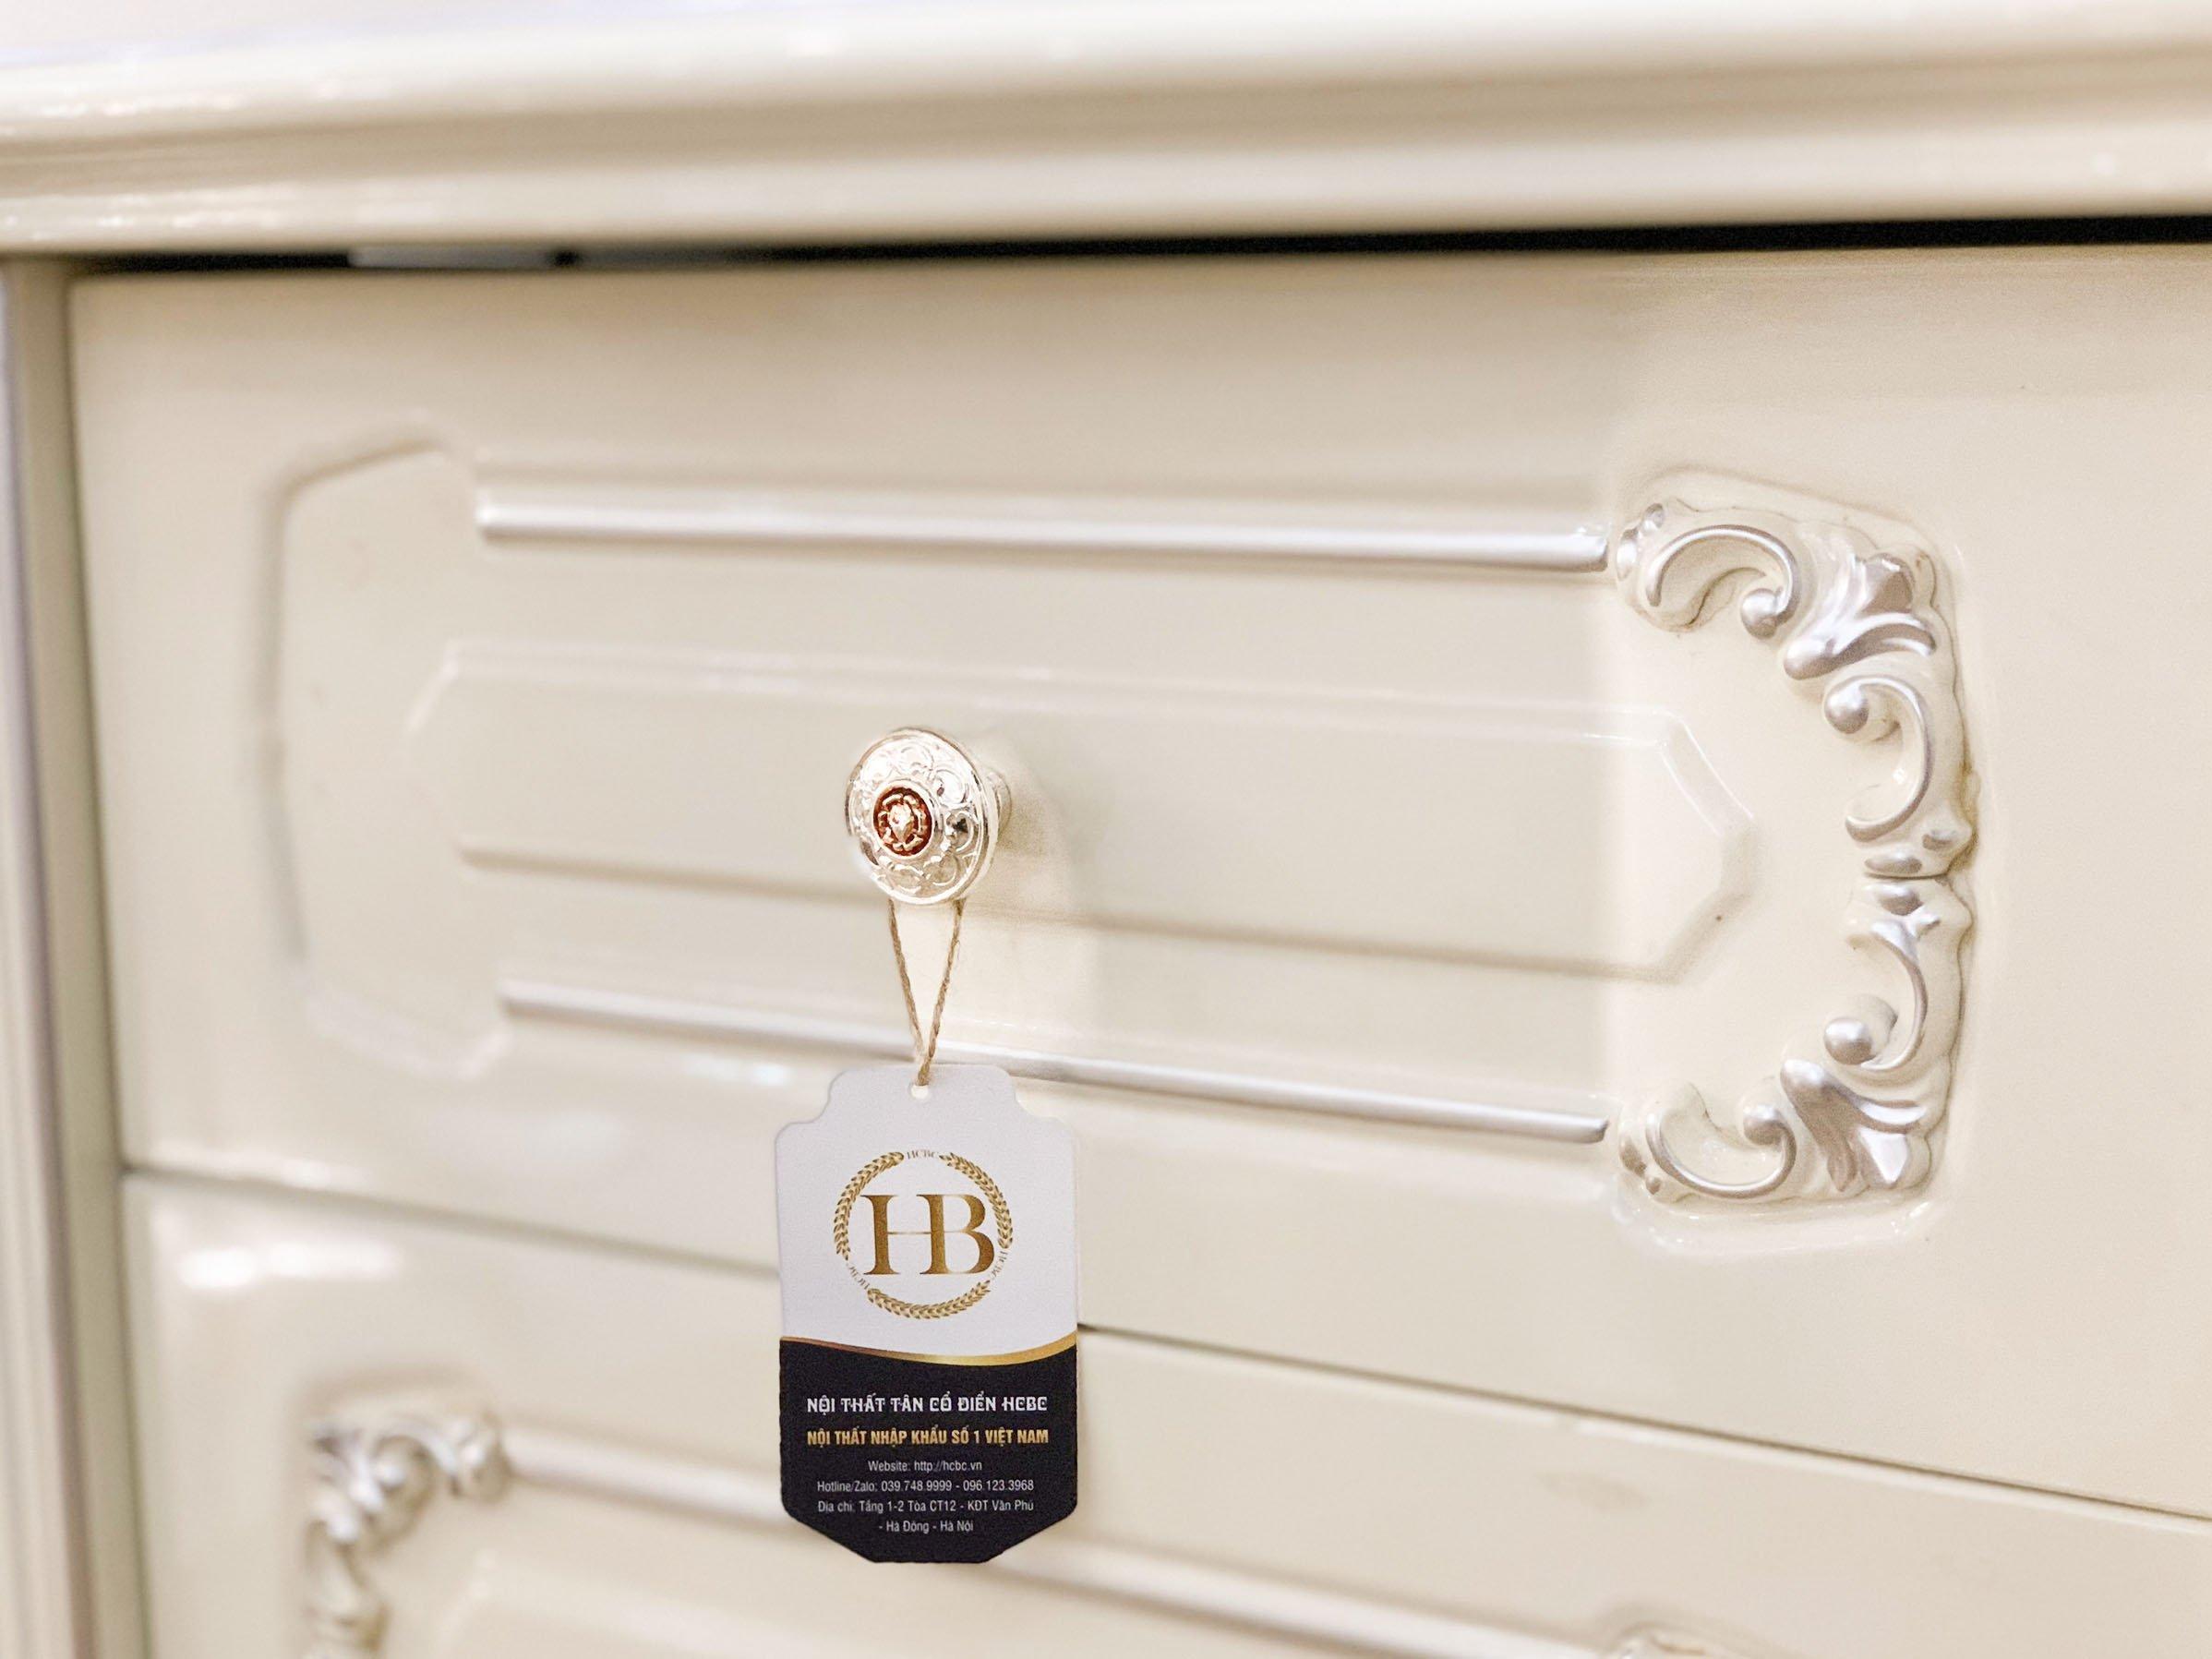 Táp đầu giường vuông được làm từ chất liệu gỗ sồi mỹ kết hợp với MDF vẽ chỉ bạc điểm nổi bật lên các họa tiết mang phong cách tân cổ điển và sang trọng